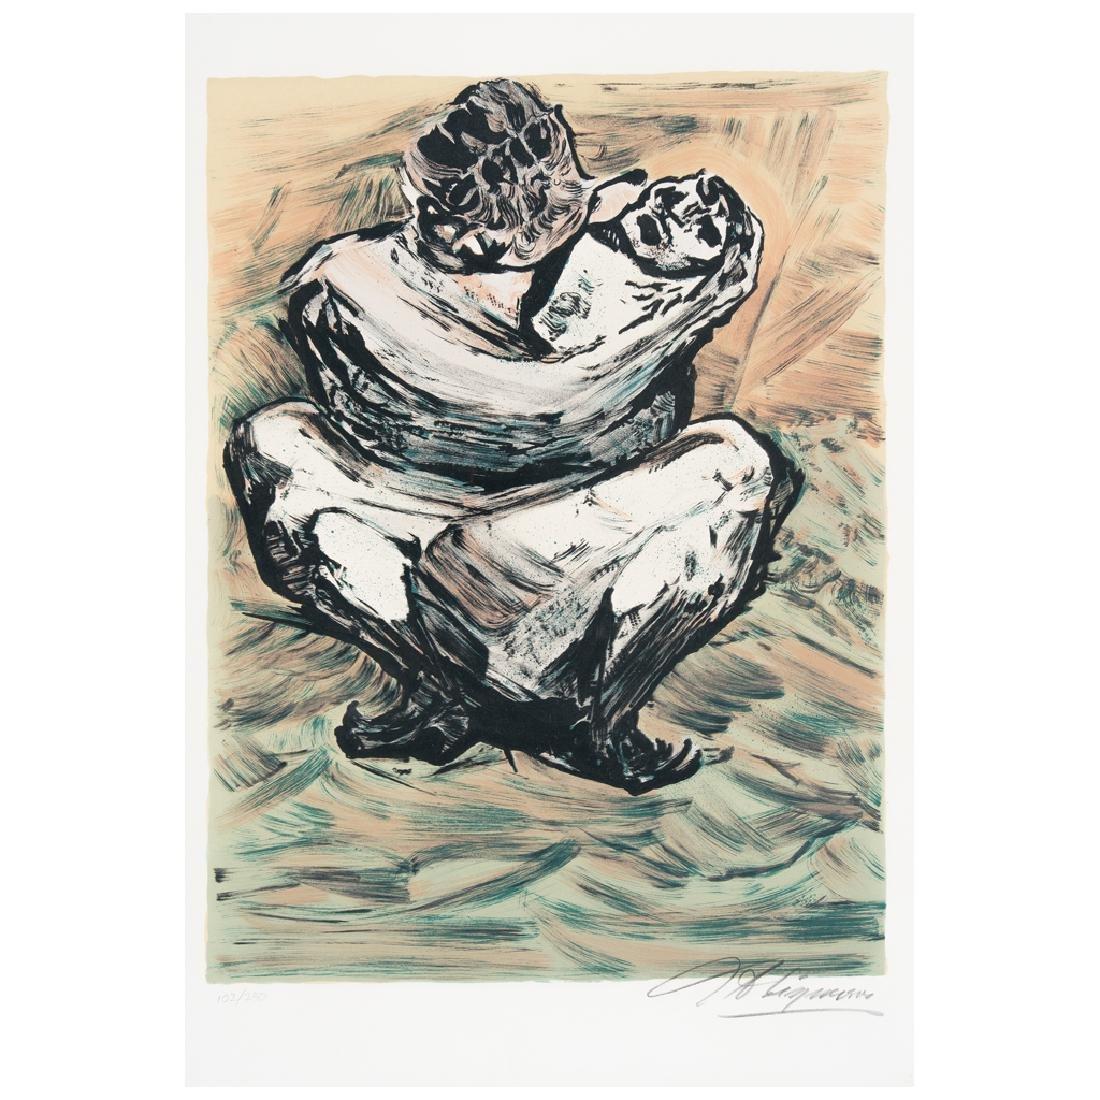 DAVID ALFARO SIQUEIROS, Madre mexicana, 1973, Signed,